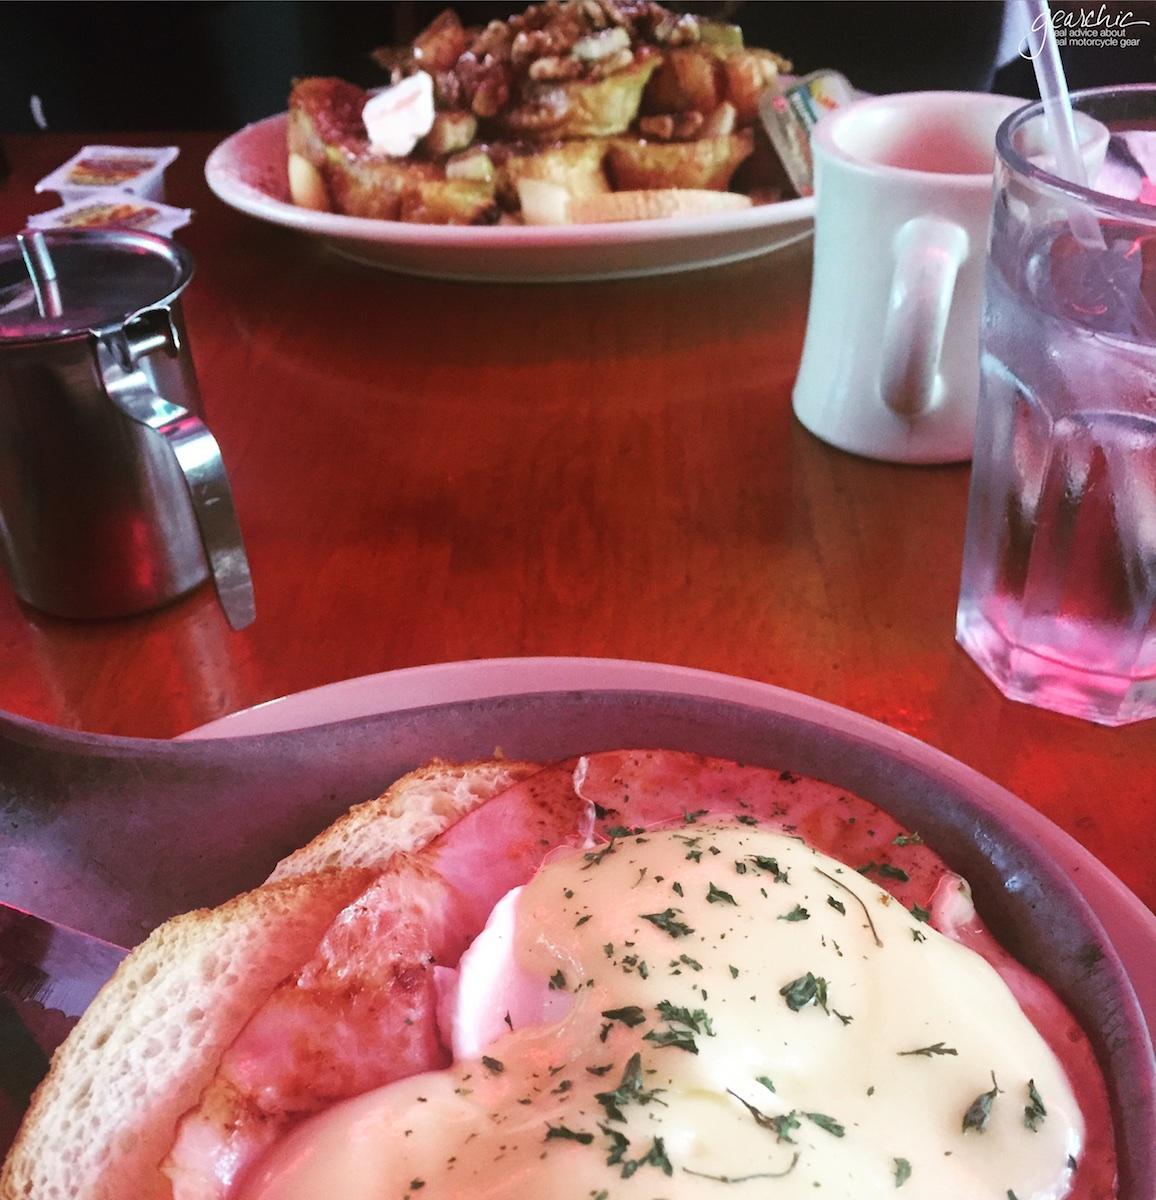 Breakfast at Full Moon in Lambertsillve, NJ